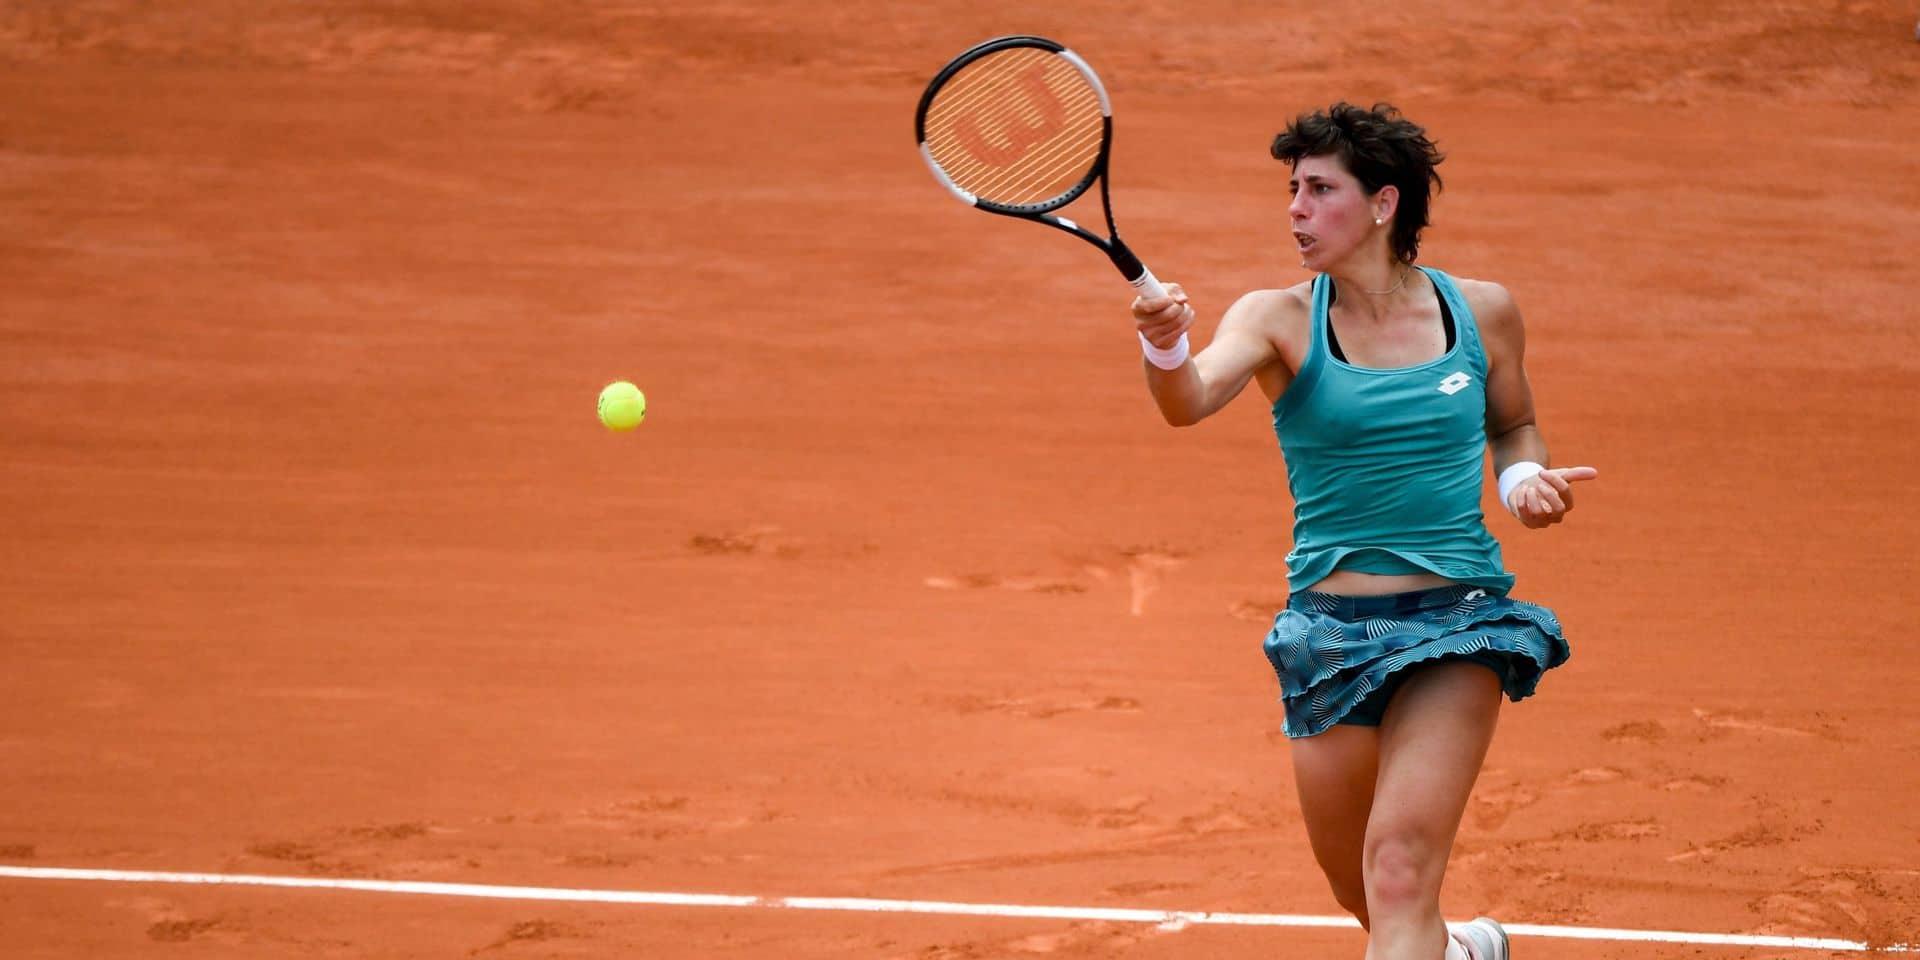 Roland Garros - Day 6